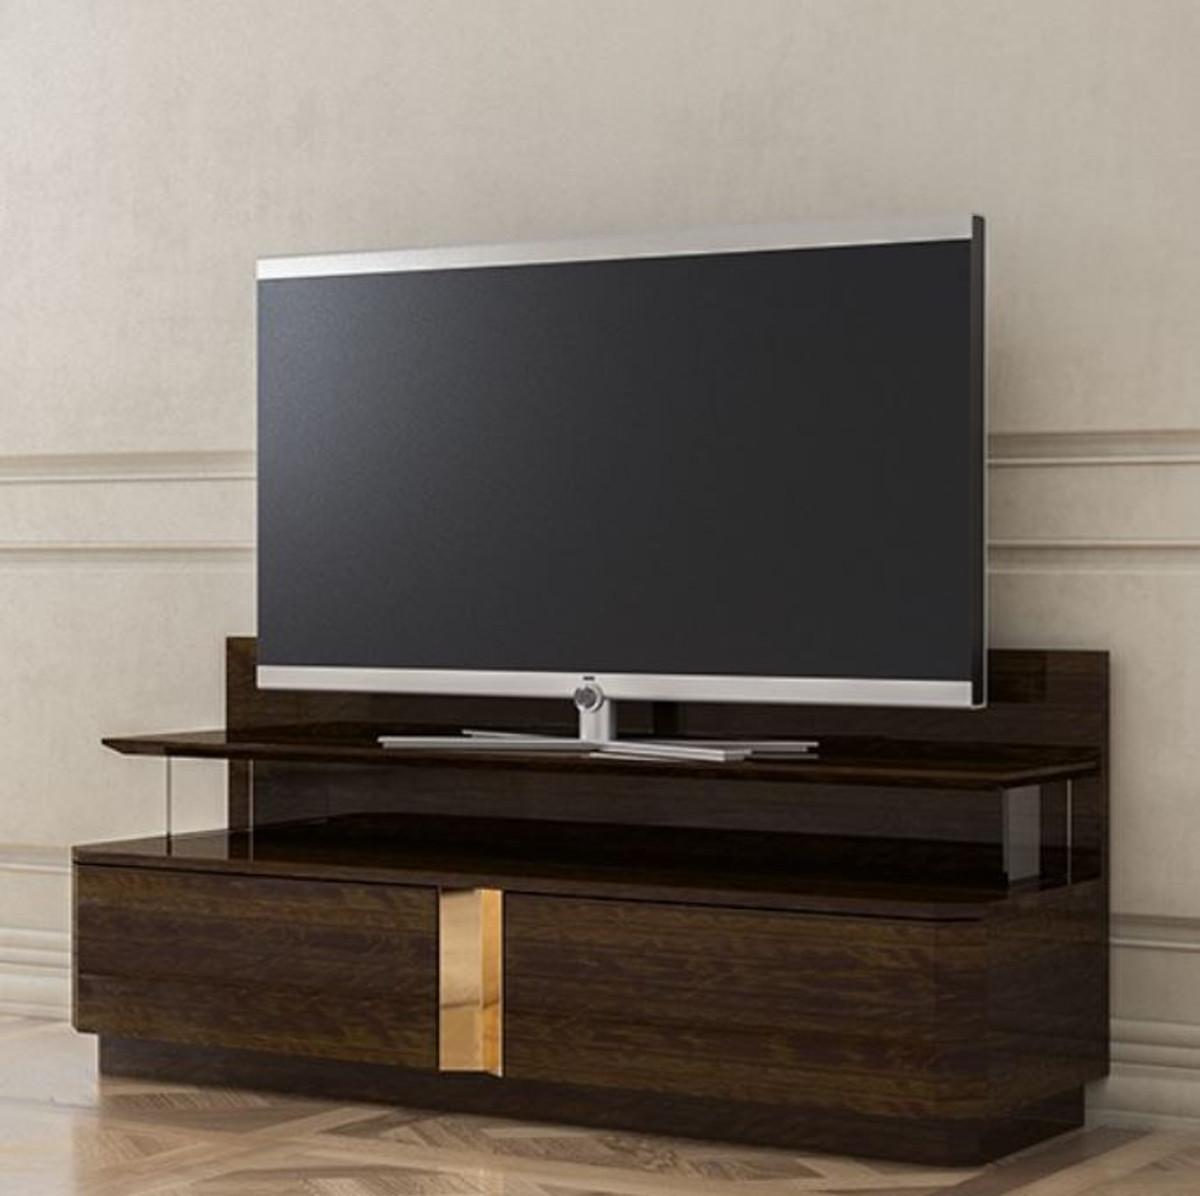 Casa Padrino Luxus Wohnzimmer TV Schrank mit 8 Schubladen Braun / Gold 8  x 8 x H. 8 cm - Edle Wohnzimmer Möbel - Luxus Qualität